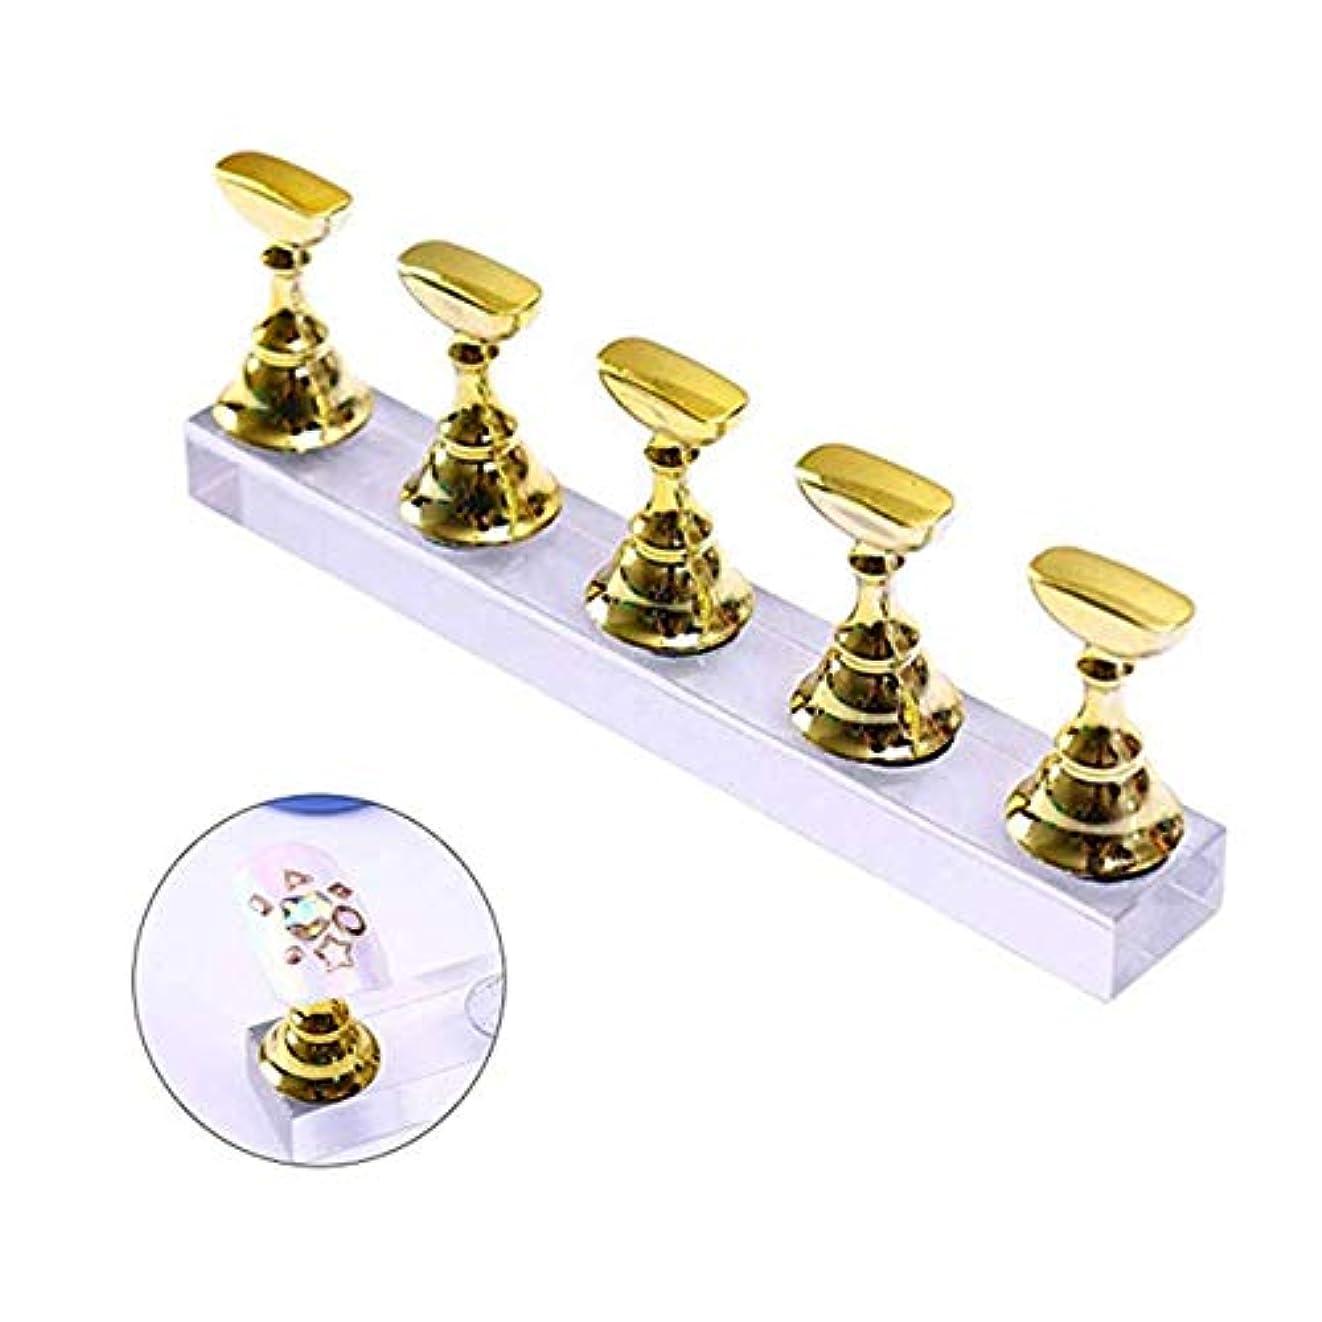 怠惰ダイエットアセンブリ磁気 アクリルマニキュア工具 ネイル練習 スタンド ハンドネイルエクササイズペデスタル ネイル用品 ネイルチップディスプレイスタンド セット (ゴールド)